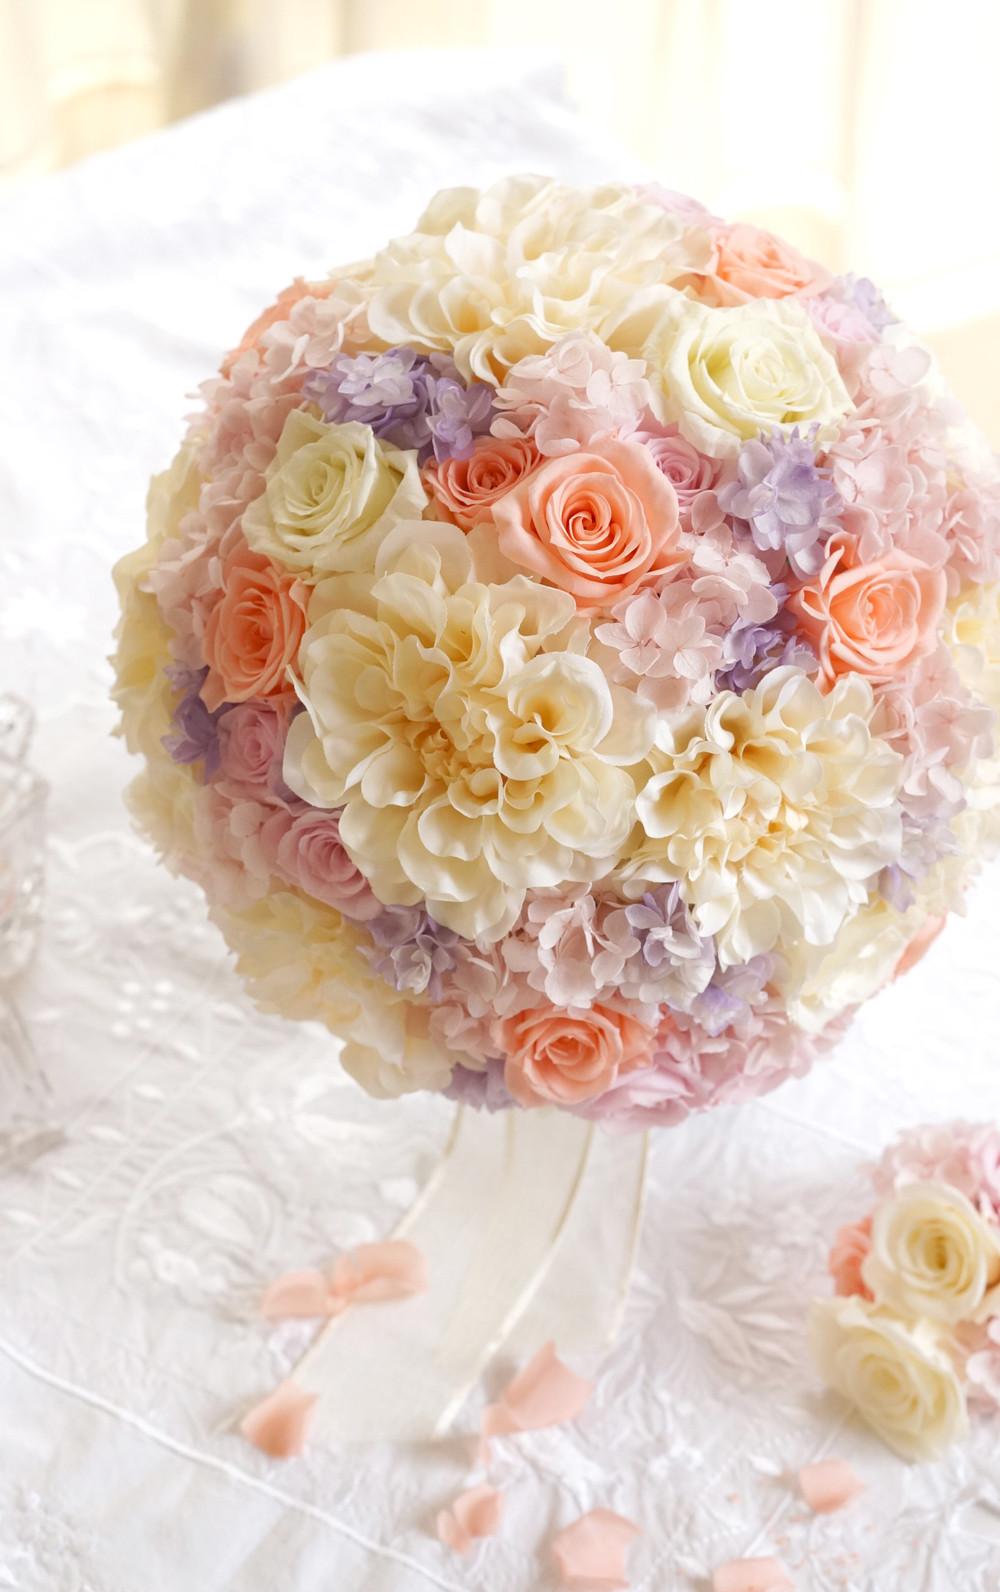 「一目惚れした花束、とても素敵に作っていただき、ありがとうございました。」ウェディングブーケ通販!